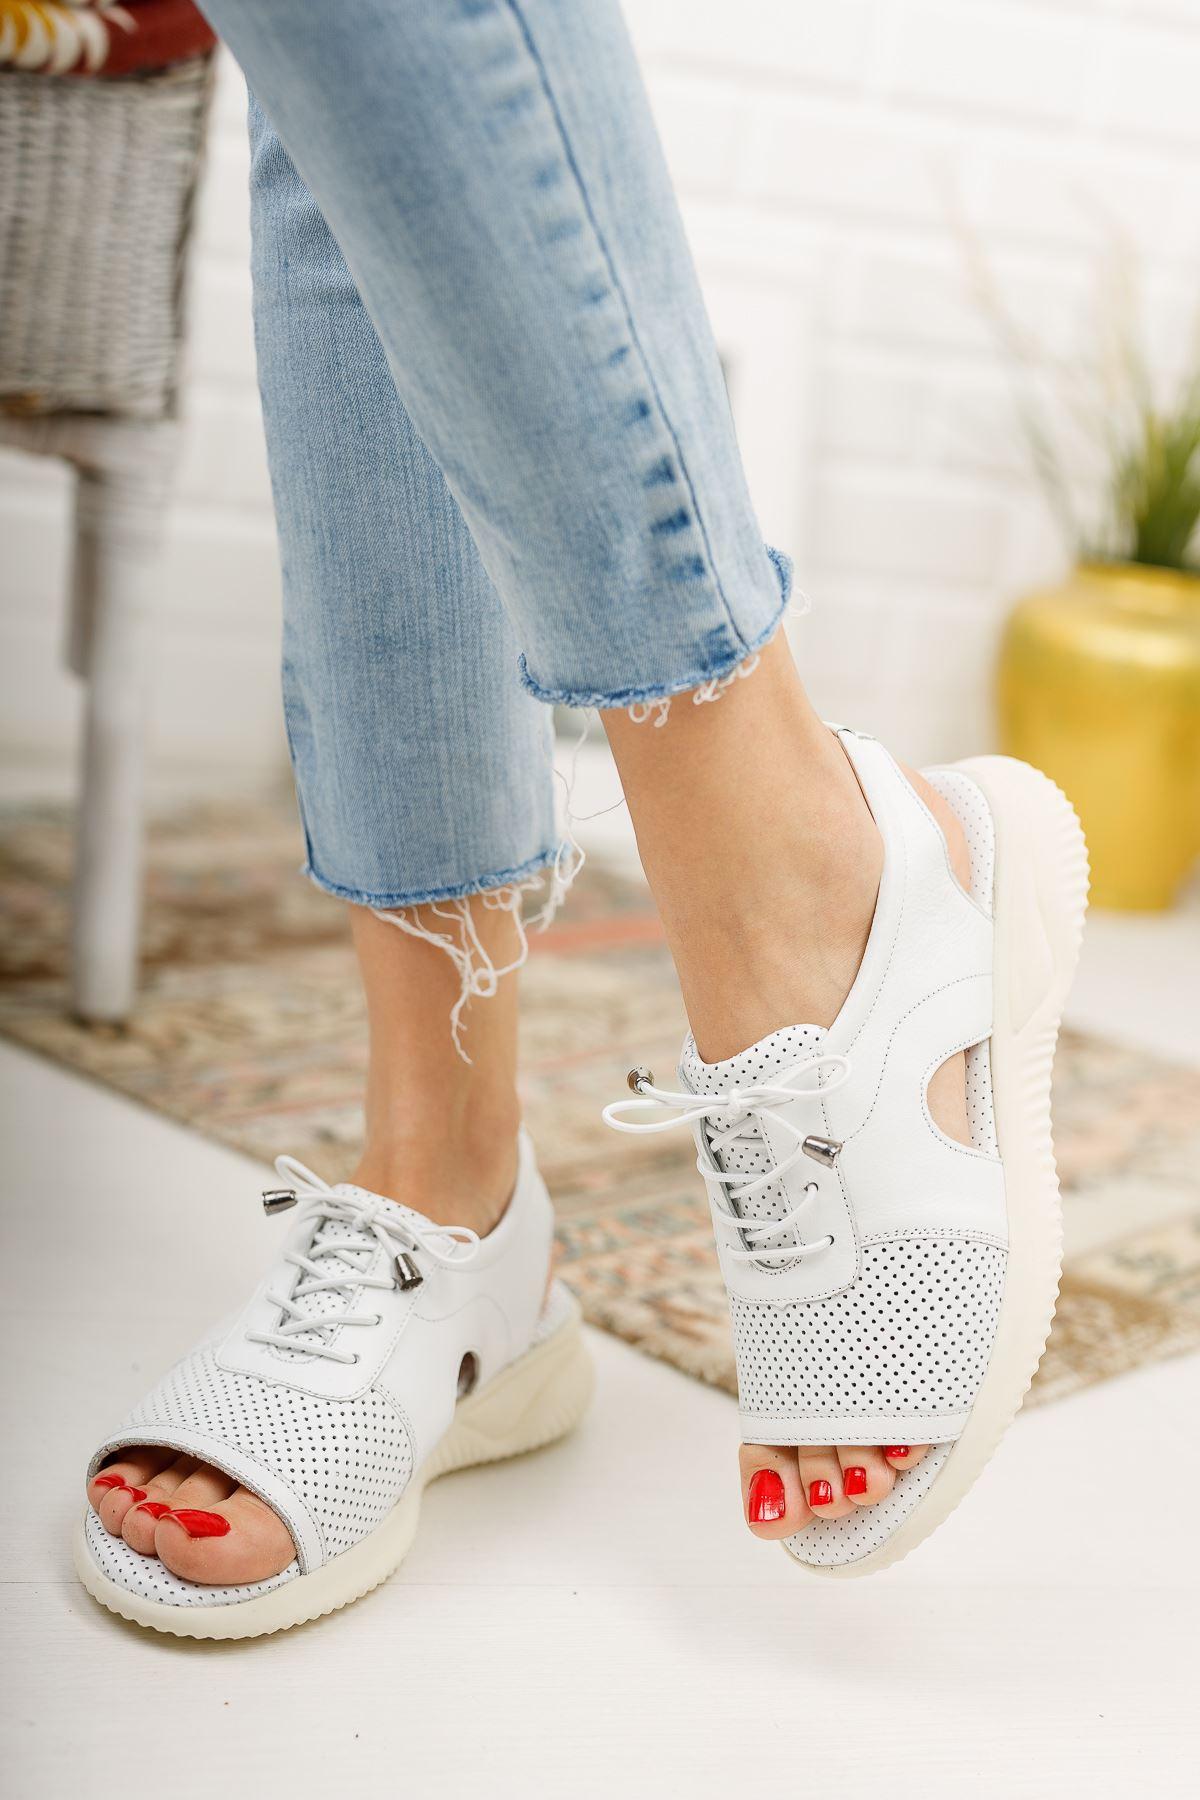 Awrel Hakiki Deri Beyaz Bağcıklı Ortapedik Taban Bayan  Spor Sandalet